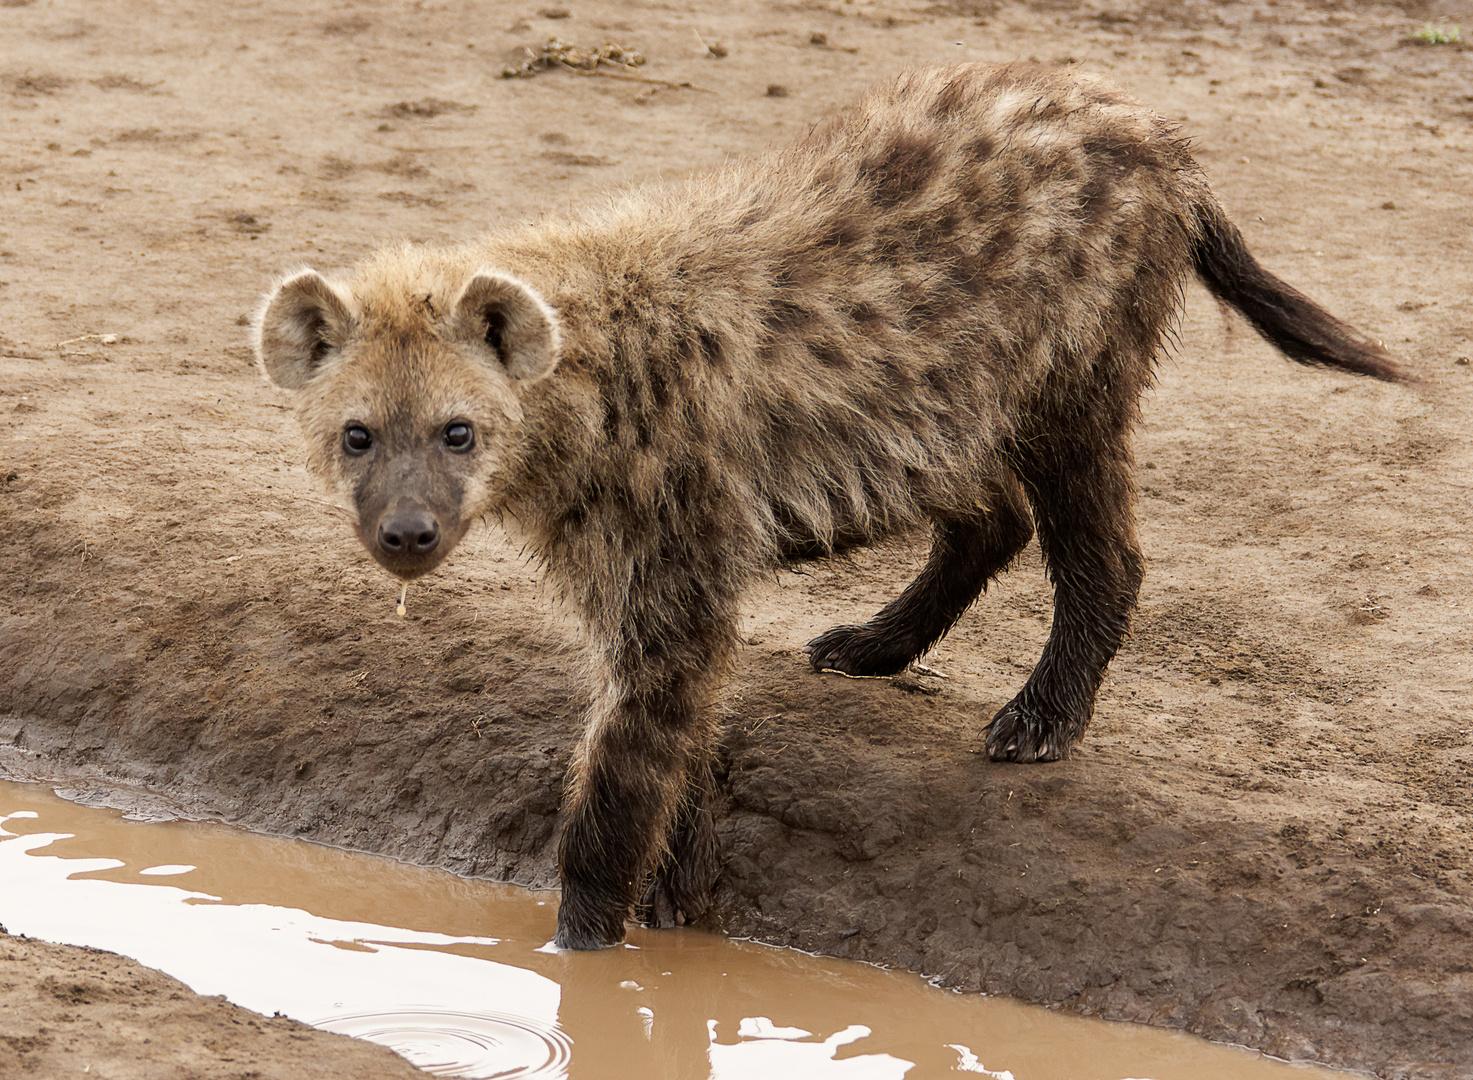 So jung sind sie richtig niedlich. Hyäne, Serengeti 2013.